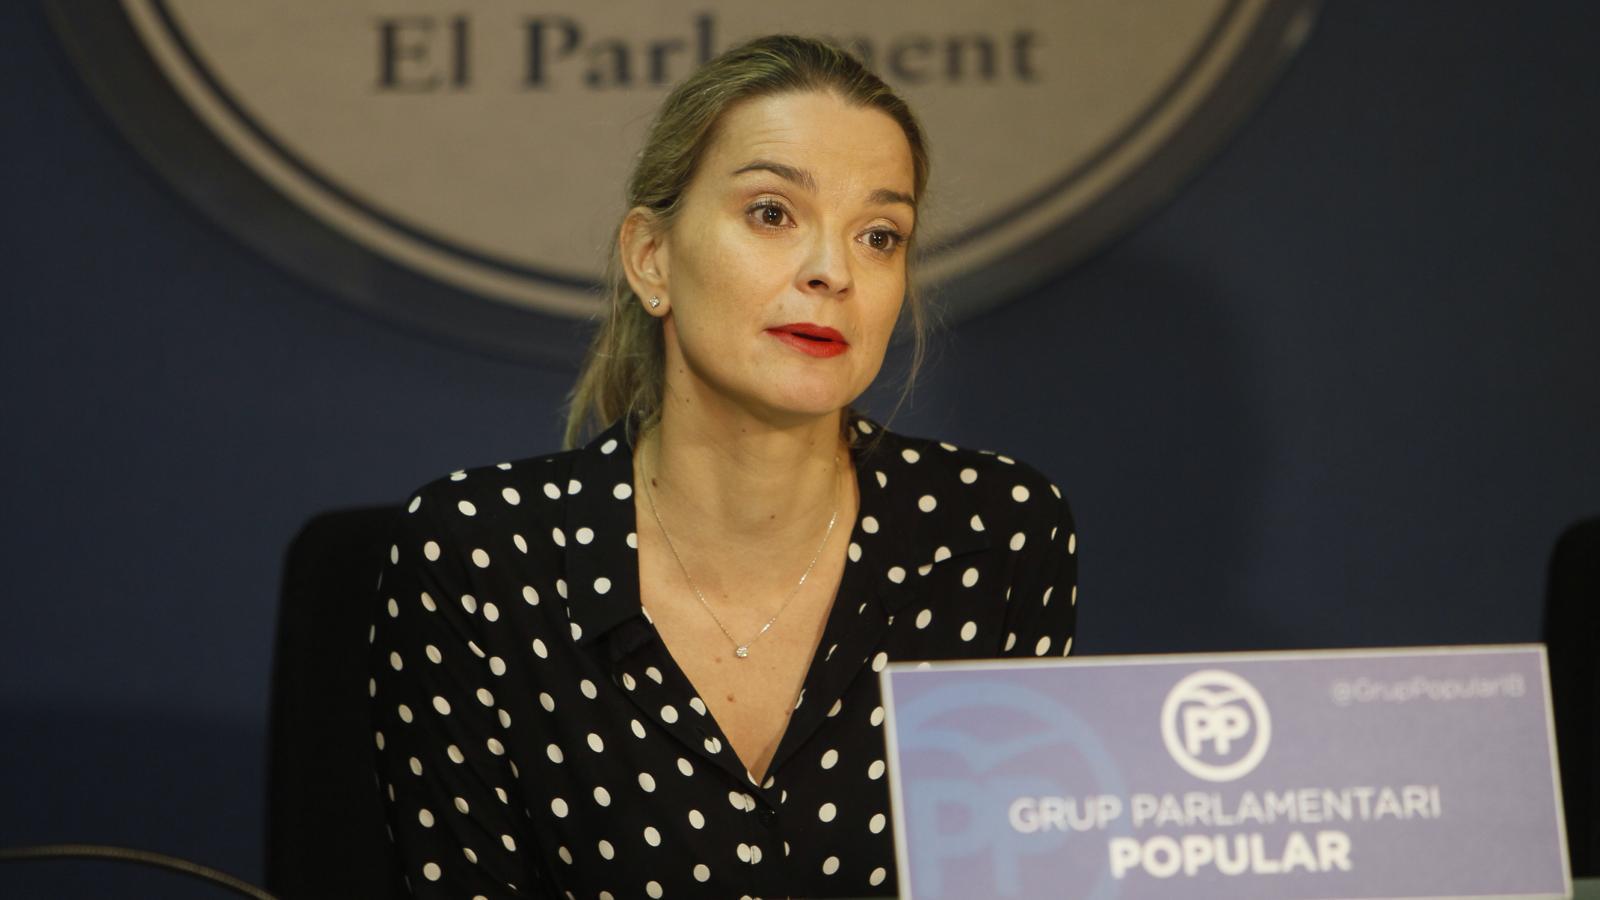 """La portaveu del PP, Margalida Prohens, qualifica Armengol de """"perdedora"""" i lamenta que """"no digui que volia unes terceres eleccions"""". ISAAC BUJ"""